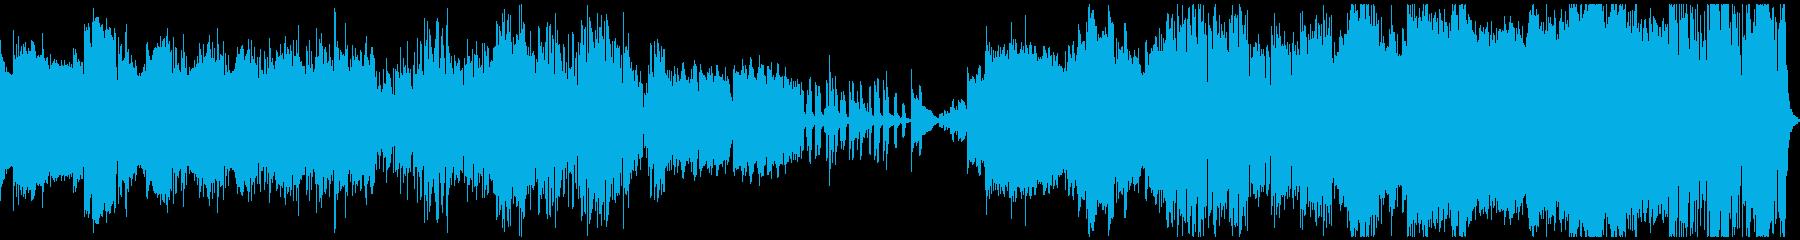 青空で風船が好きなおじさんのテーマ曲の再生済みの波形